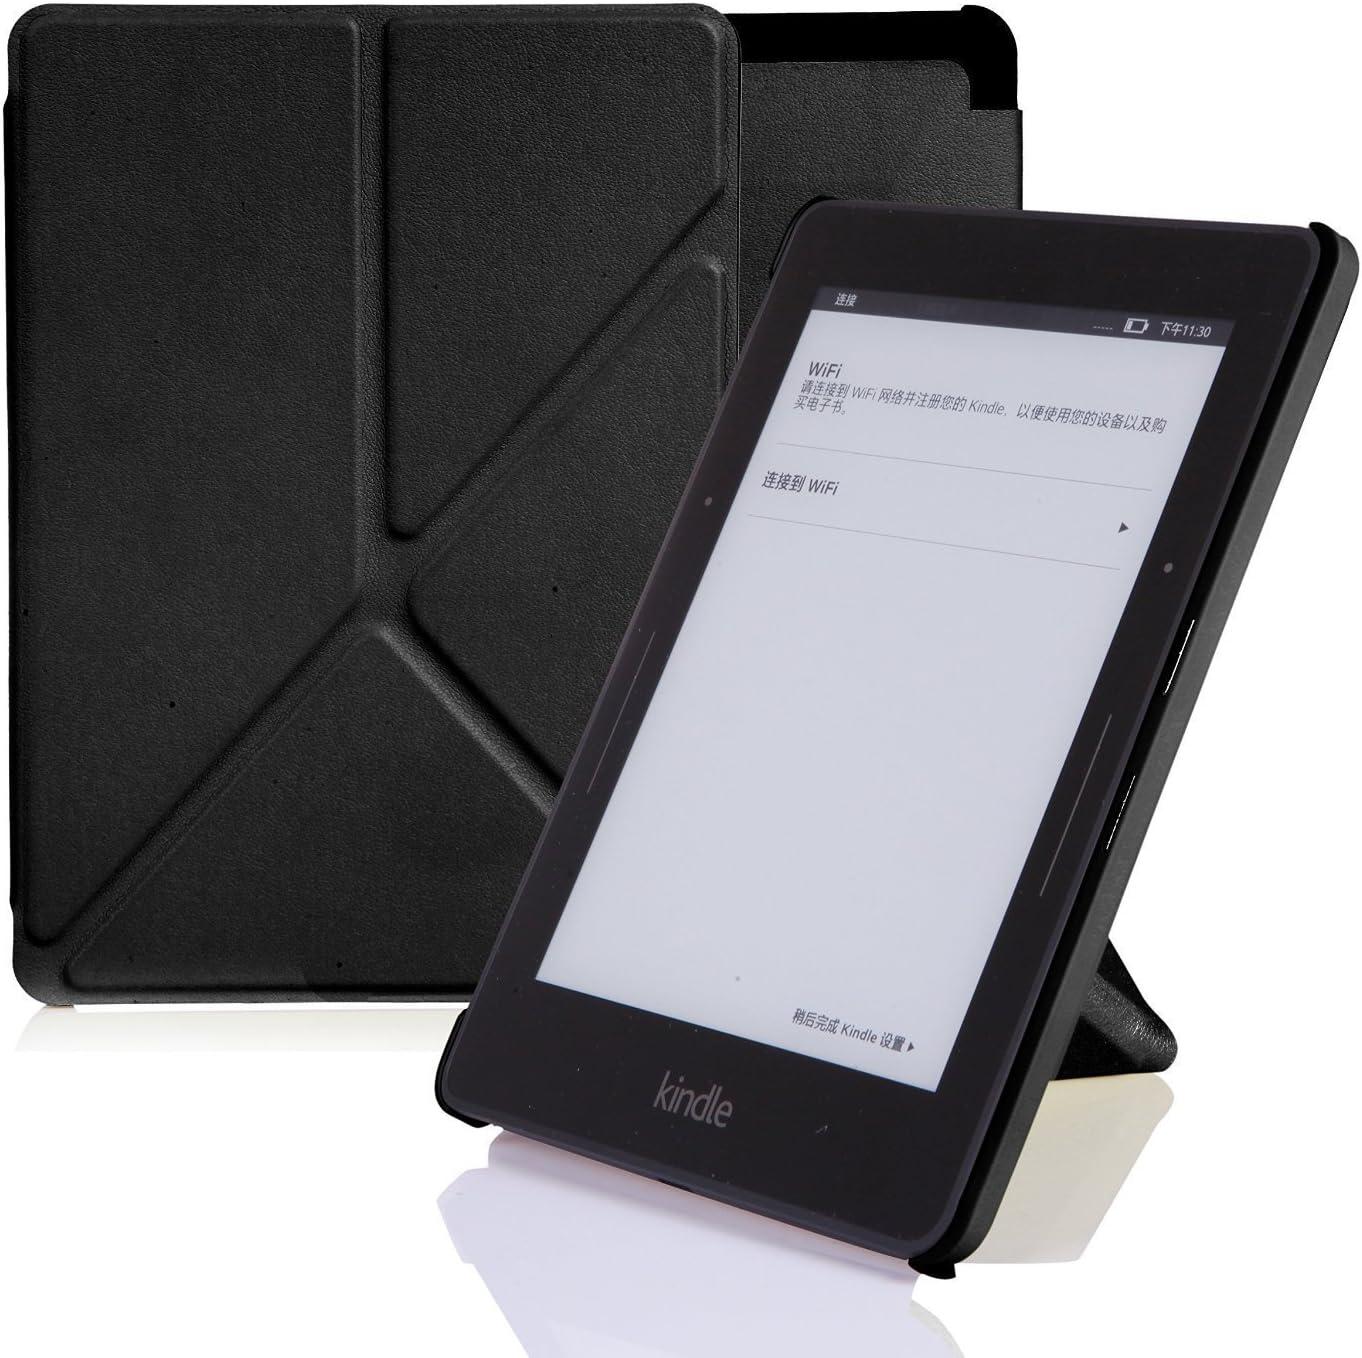 NOUSKE Funda Origami para Kindle Voyage de Amazon, Negro ¨®Nix ...